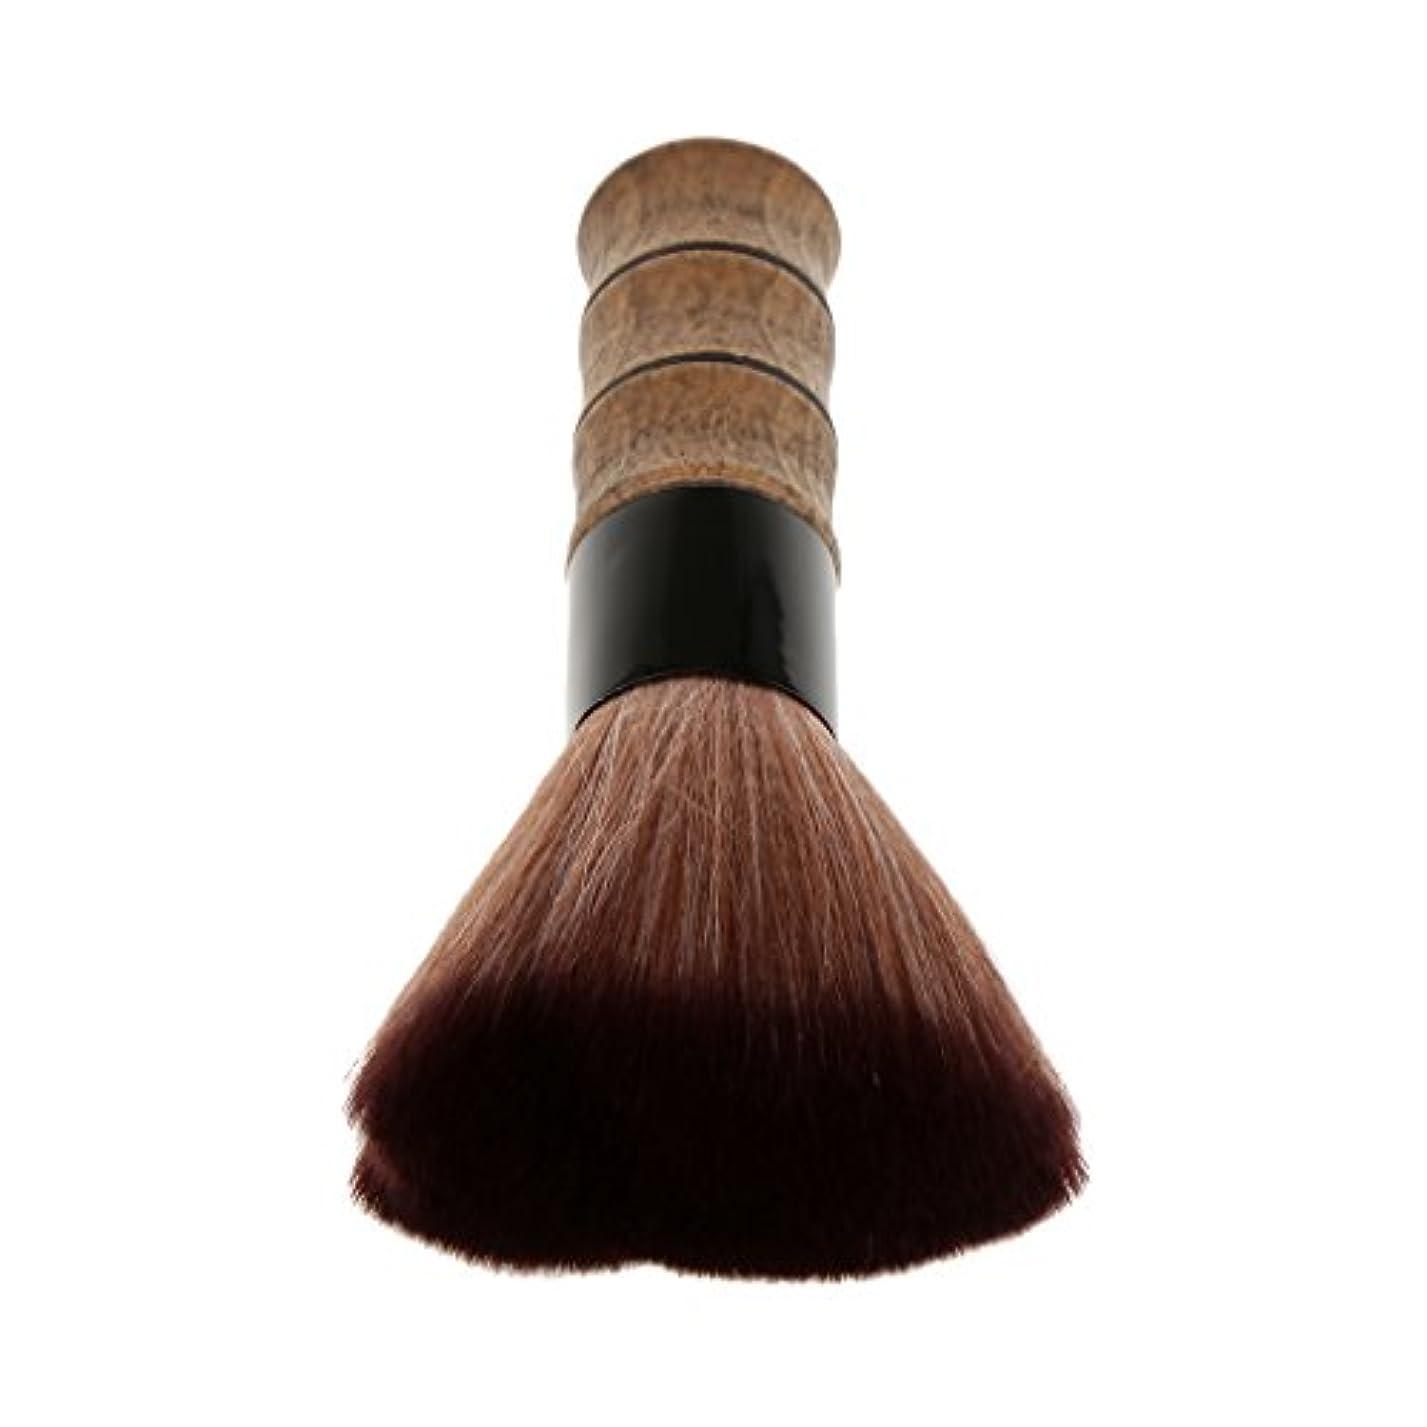 カウンタしない五Fenteer シェービングブラシ ソフトファイバー 脱毛 シェービング ブラシ ブラッシュ ルーズパウダー メイクブラシ 繊維+竹ハンドル 2色選べる - 褐色